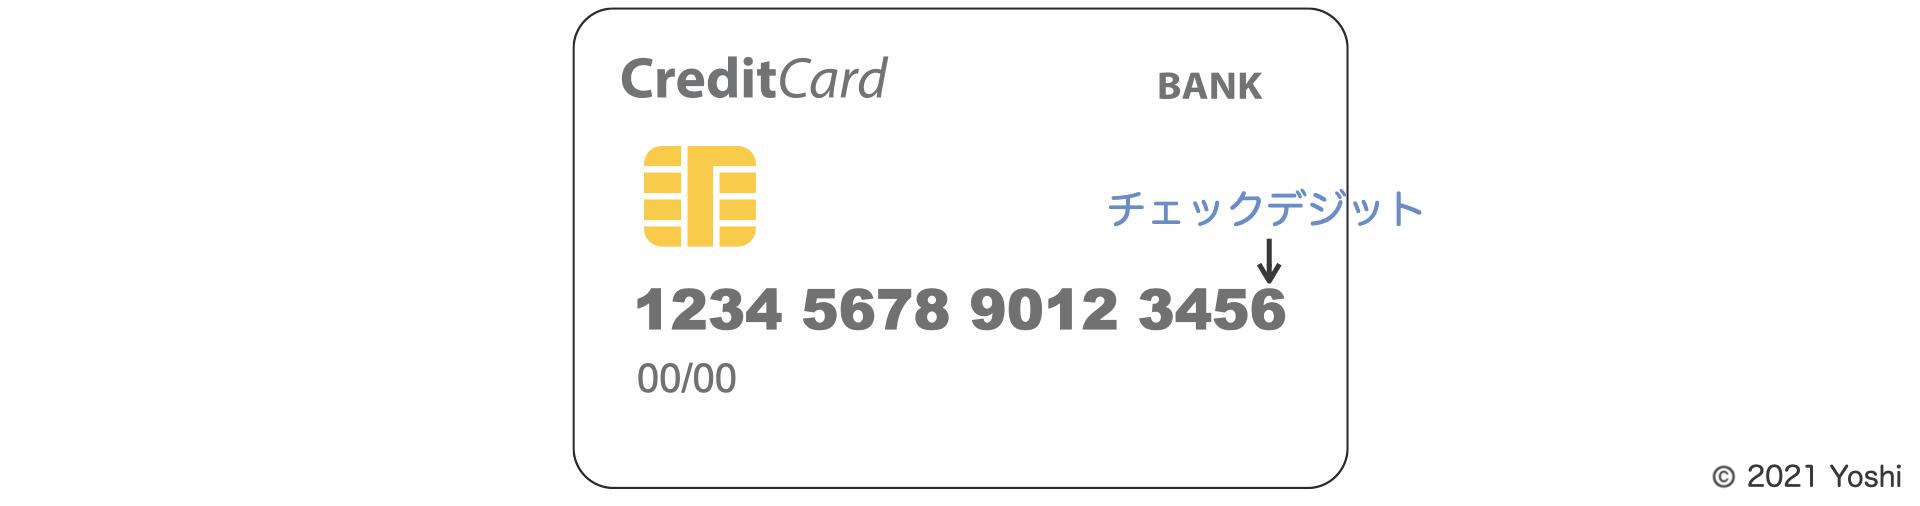 クレジットカードのチェックデジット